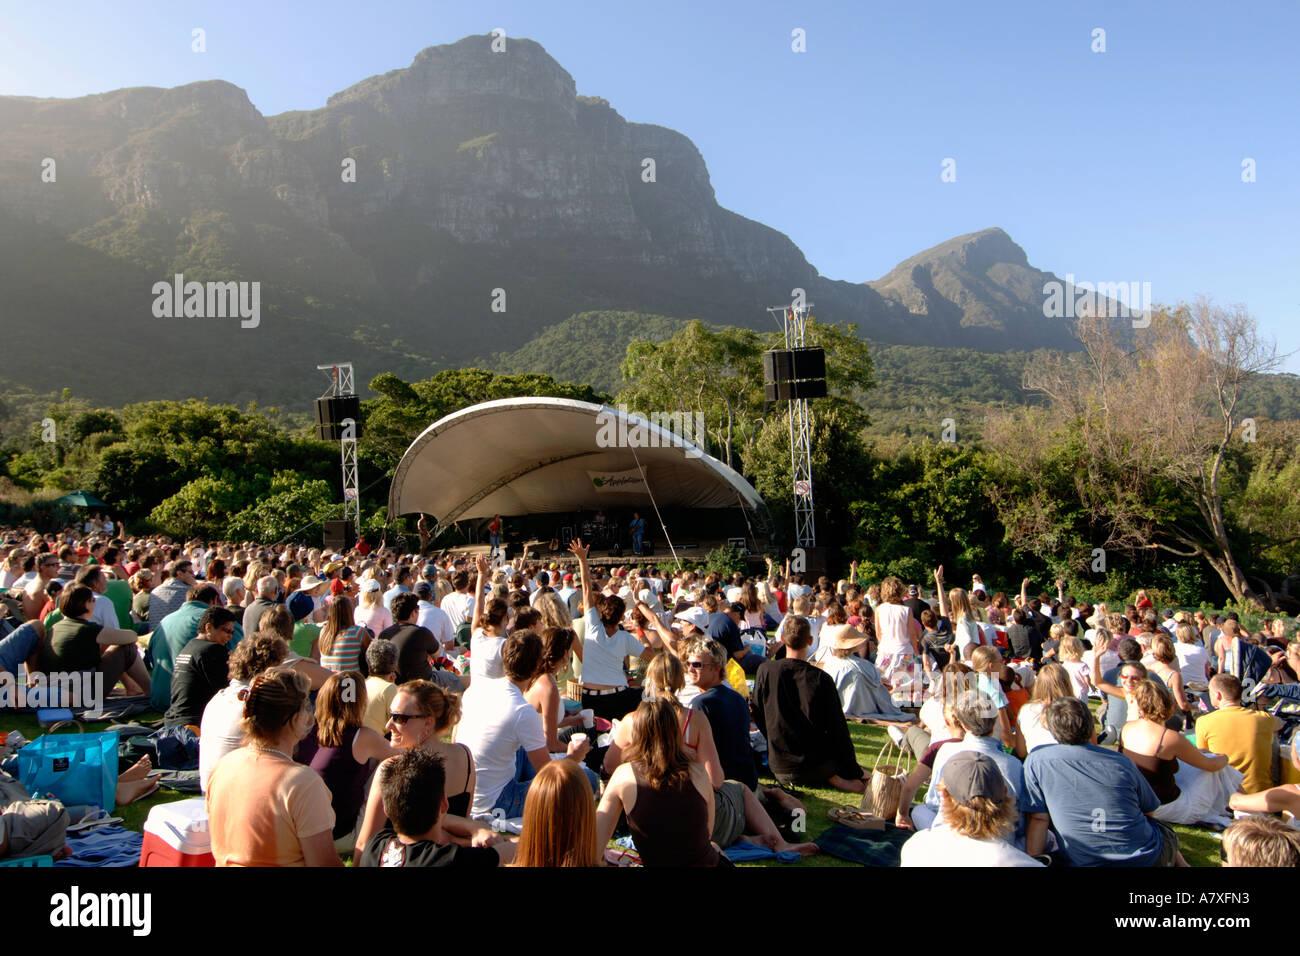 Menschenmassen beobachten Karen Zoid im Kirstenbosch Sommer Konzerte Amphitheater in Kapstadt durchführen Stockbild